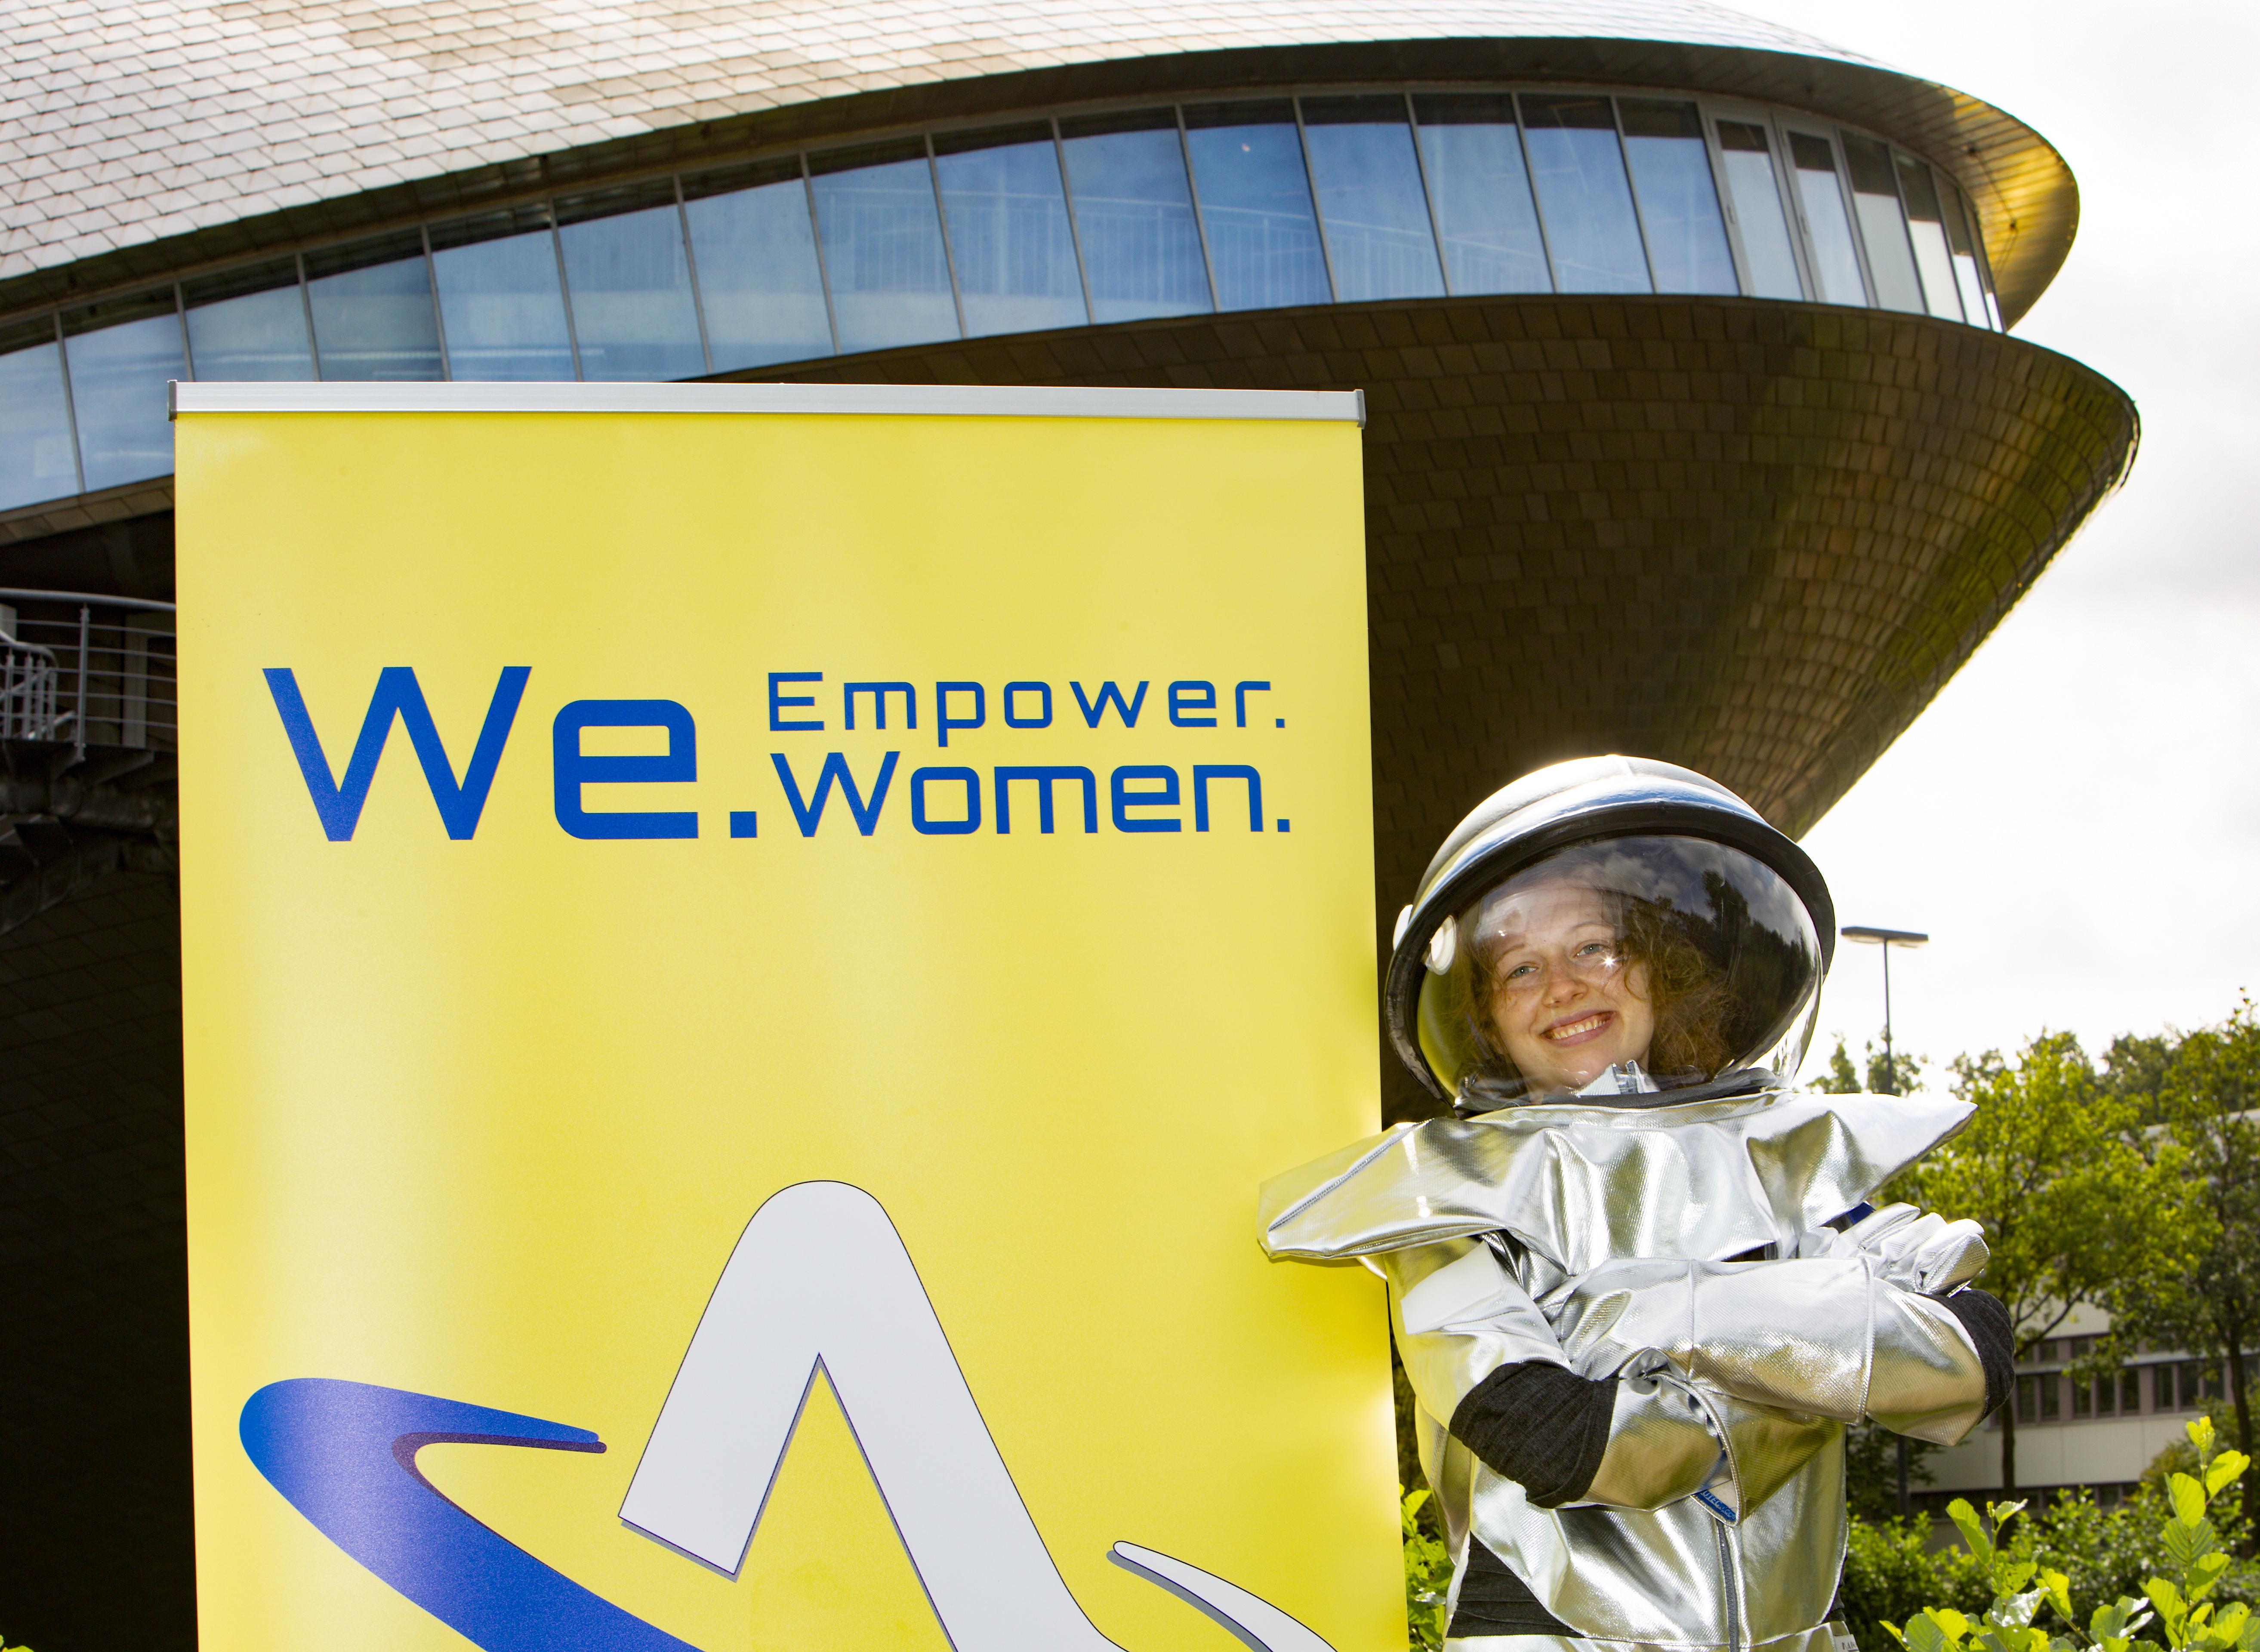 Eine Frau im Astronautinnenanzug, sowie ein Plakat zur We - Women Empower